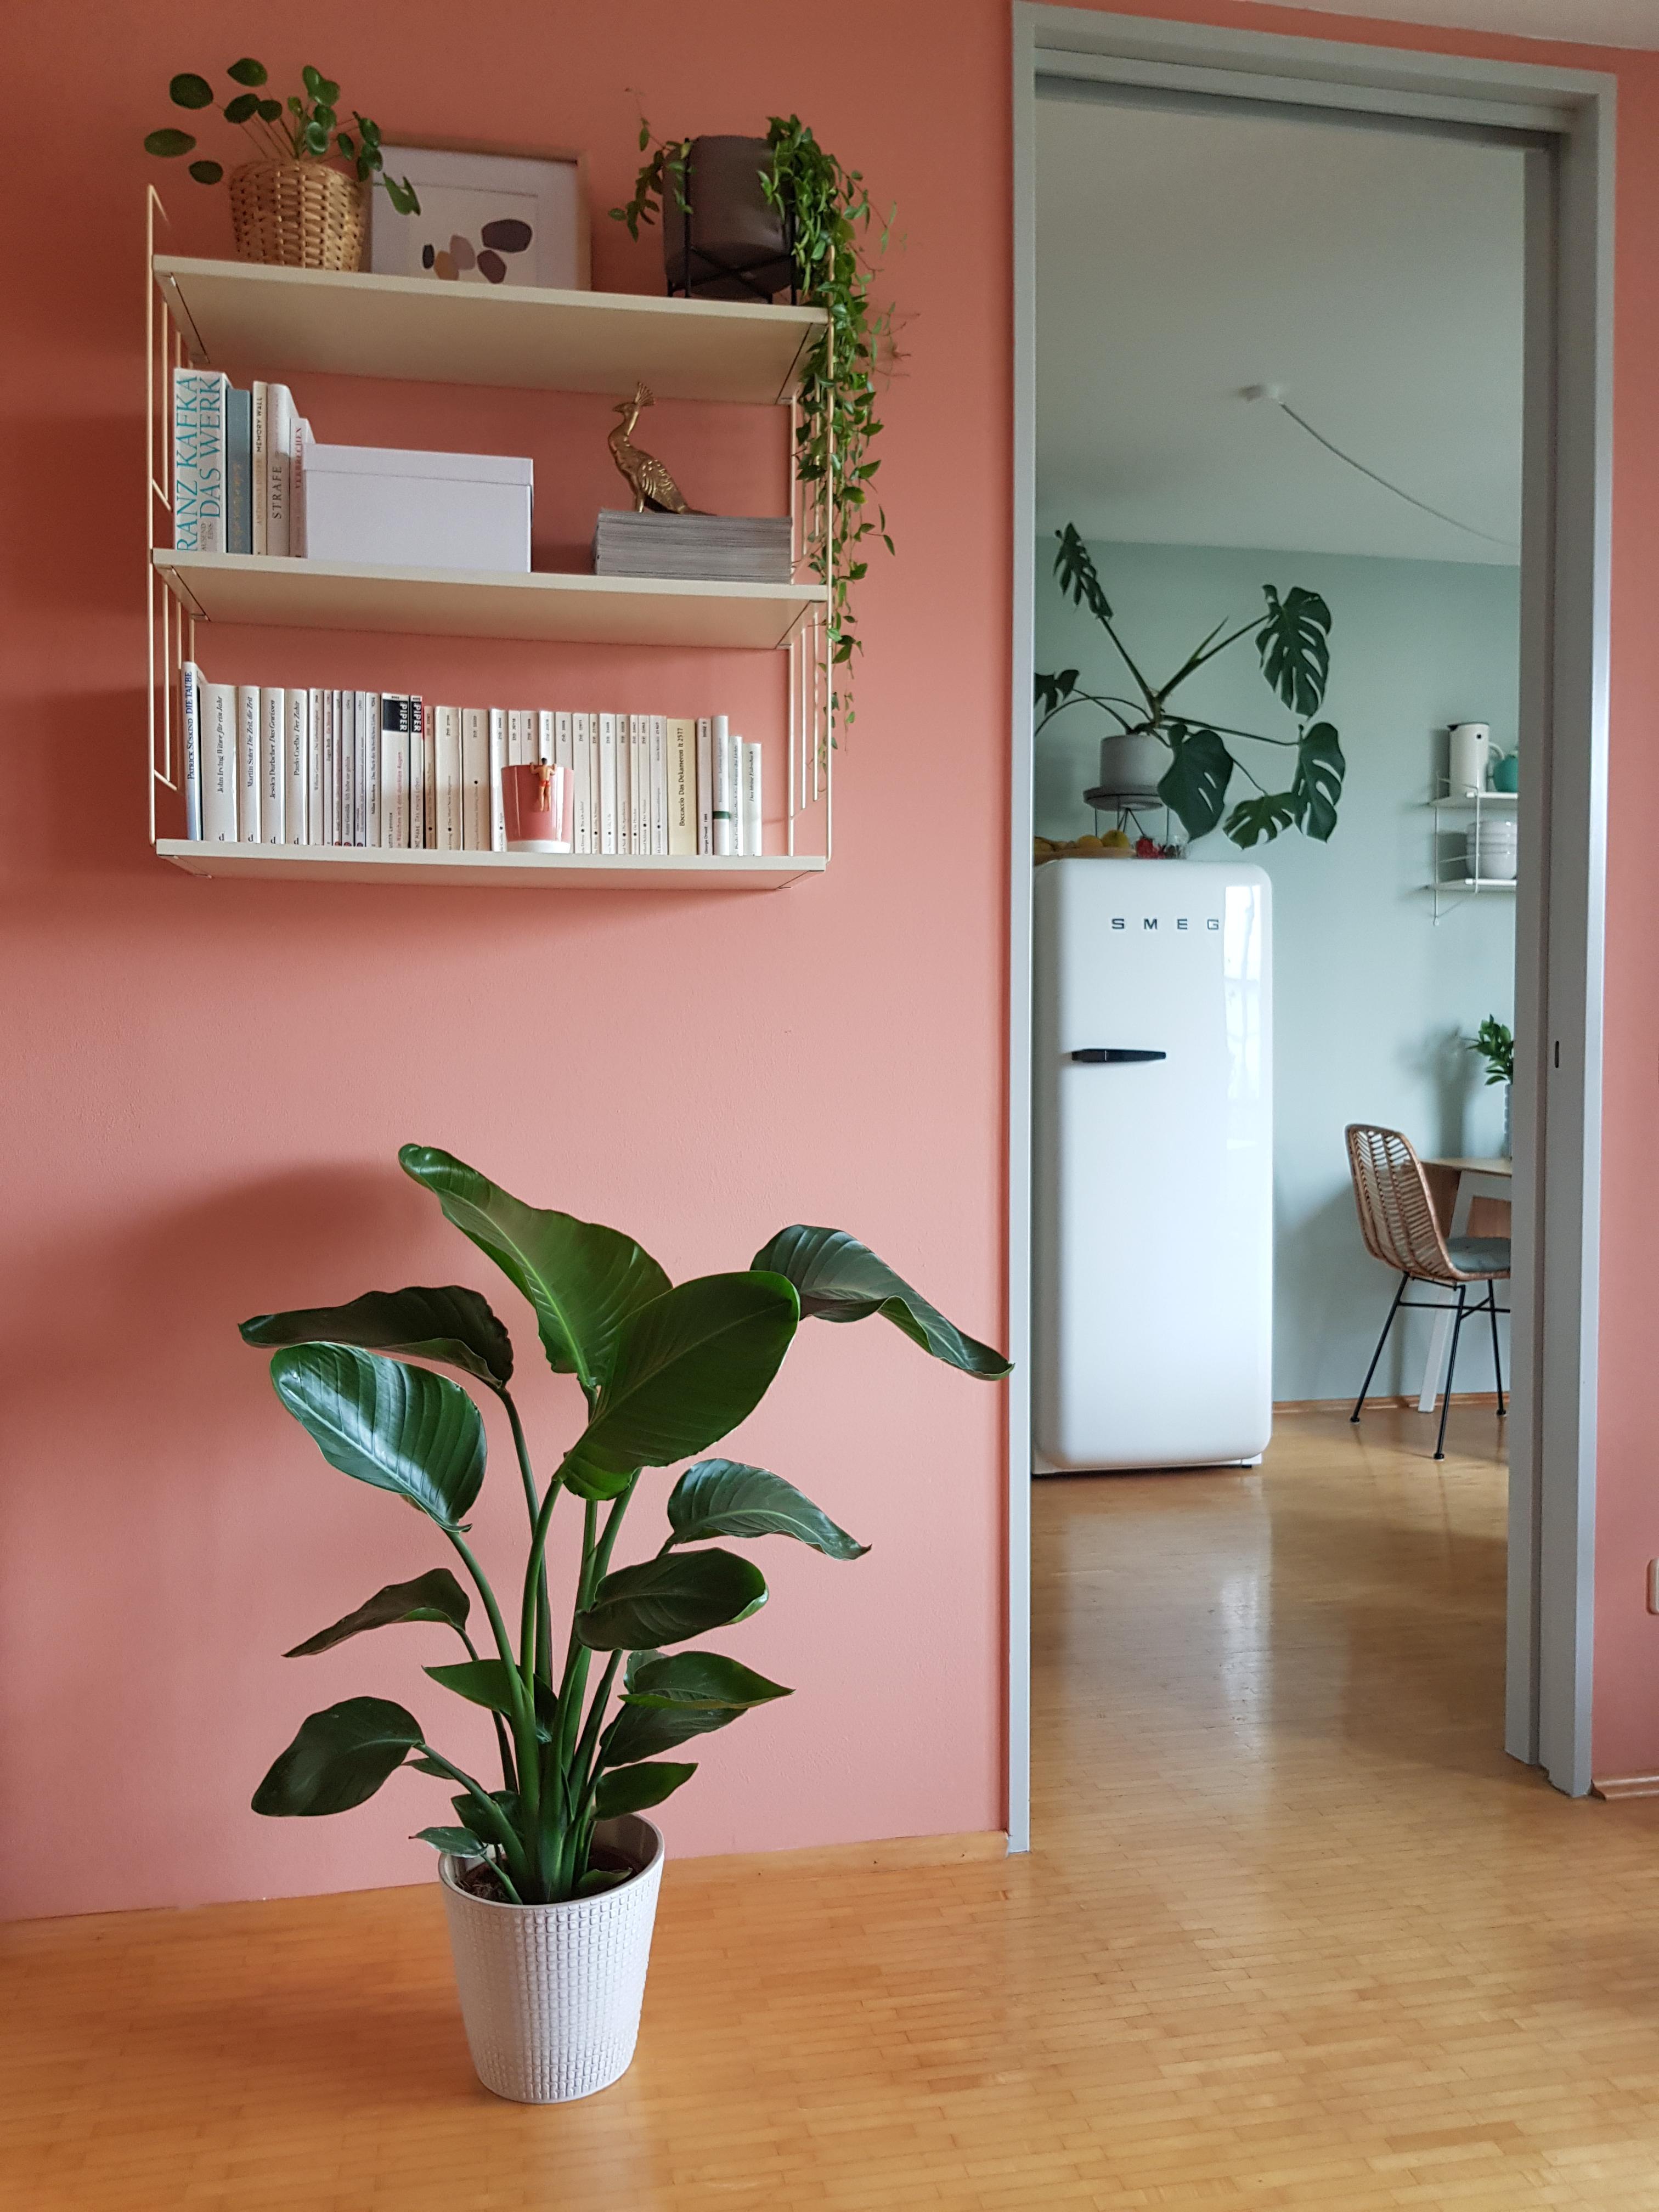 Kühlschrank: Einrichtungstipps und Gestaltungsideen!